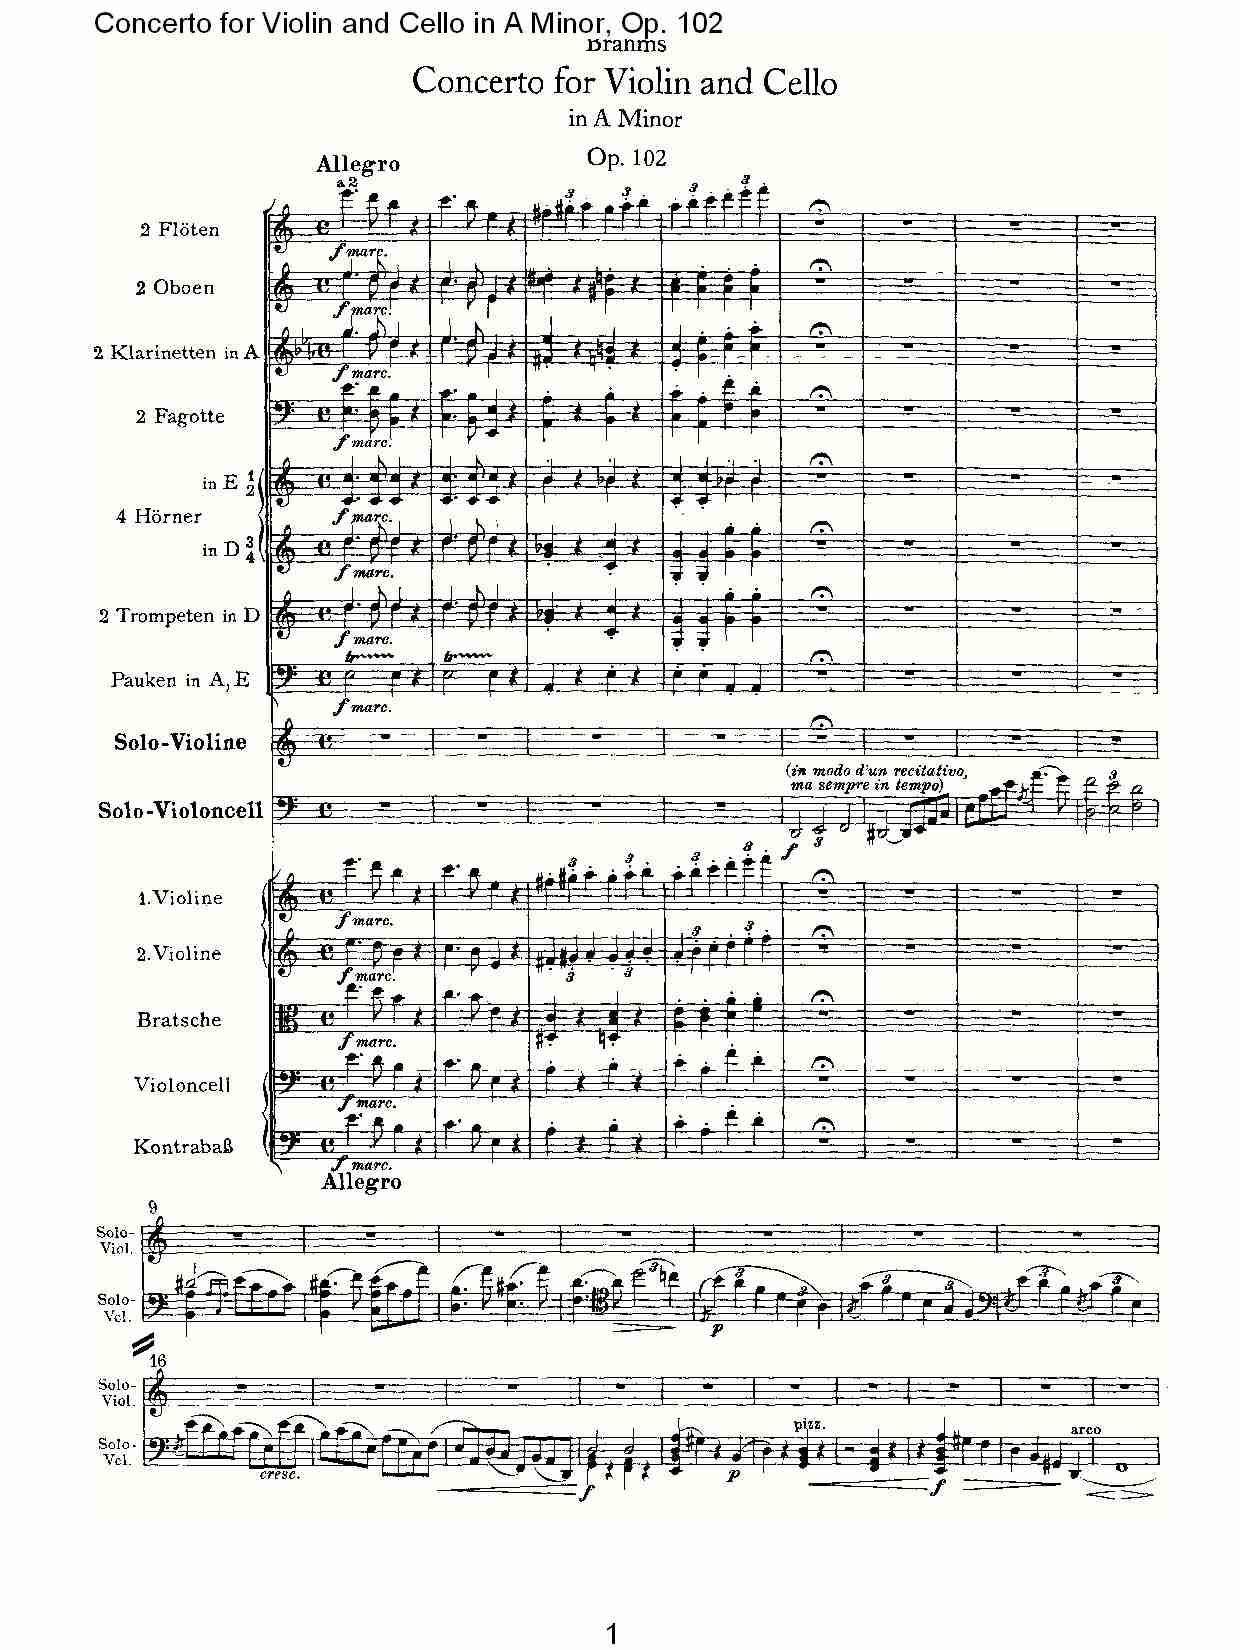 A小调小提琴与大提琴协奏曲, Op.102第一乐章 一